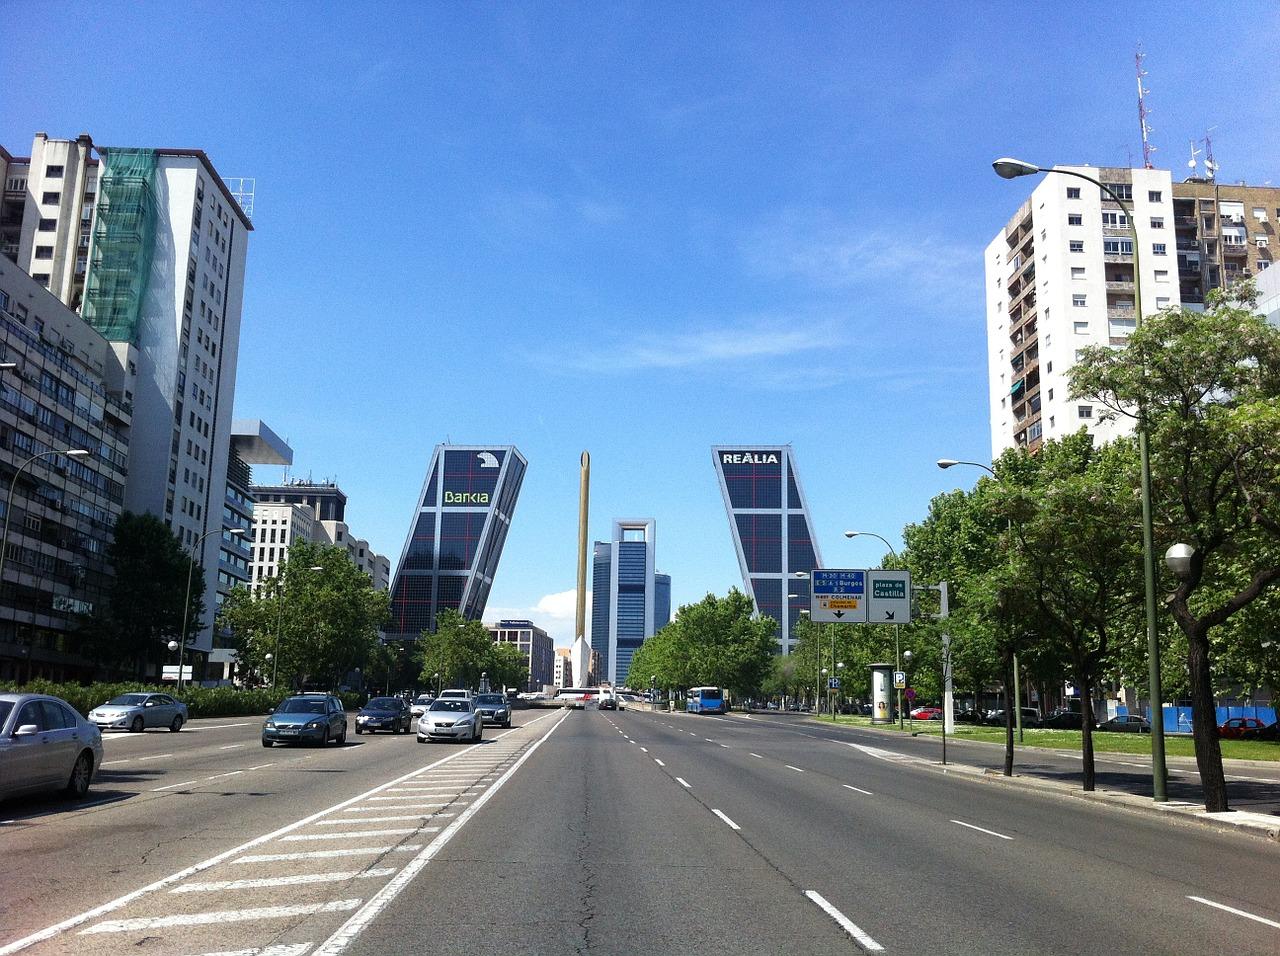 Un mes para el fin del plazo de instalación de desfibriladores en la Comunidad de Madrid0 (0)